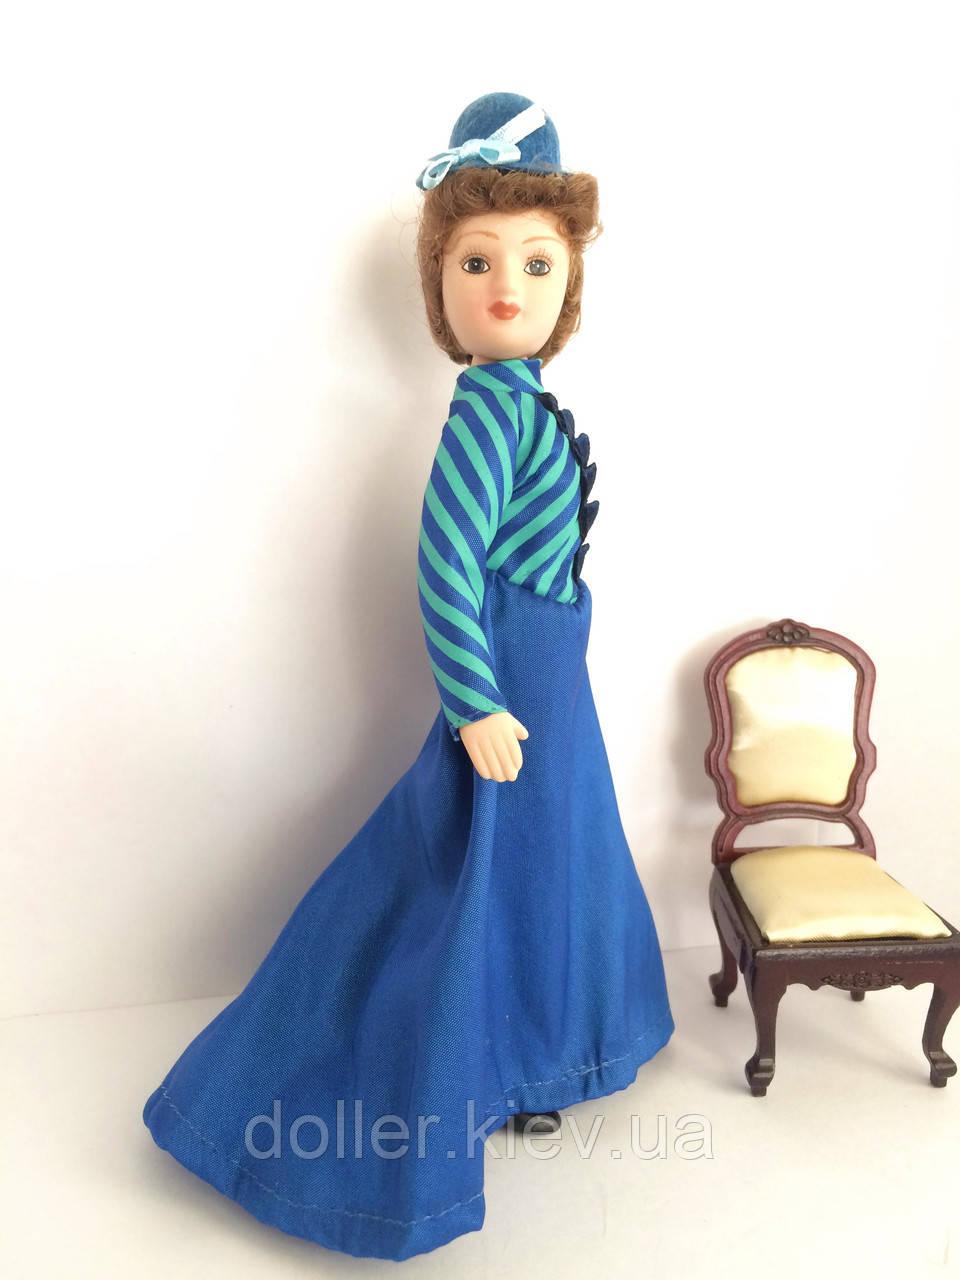 """Коллекционная кукла """"Дамы эпохи"""" в синем (18 см.)"""